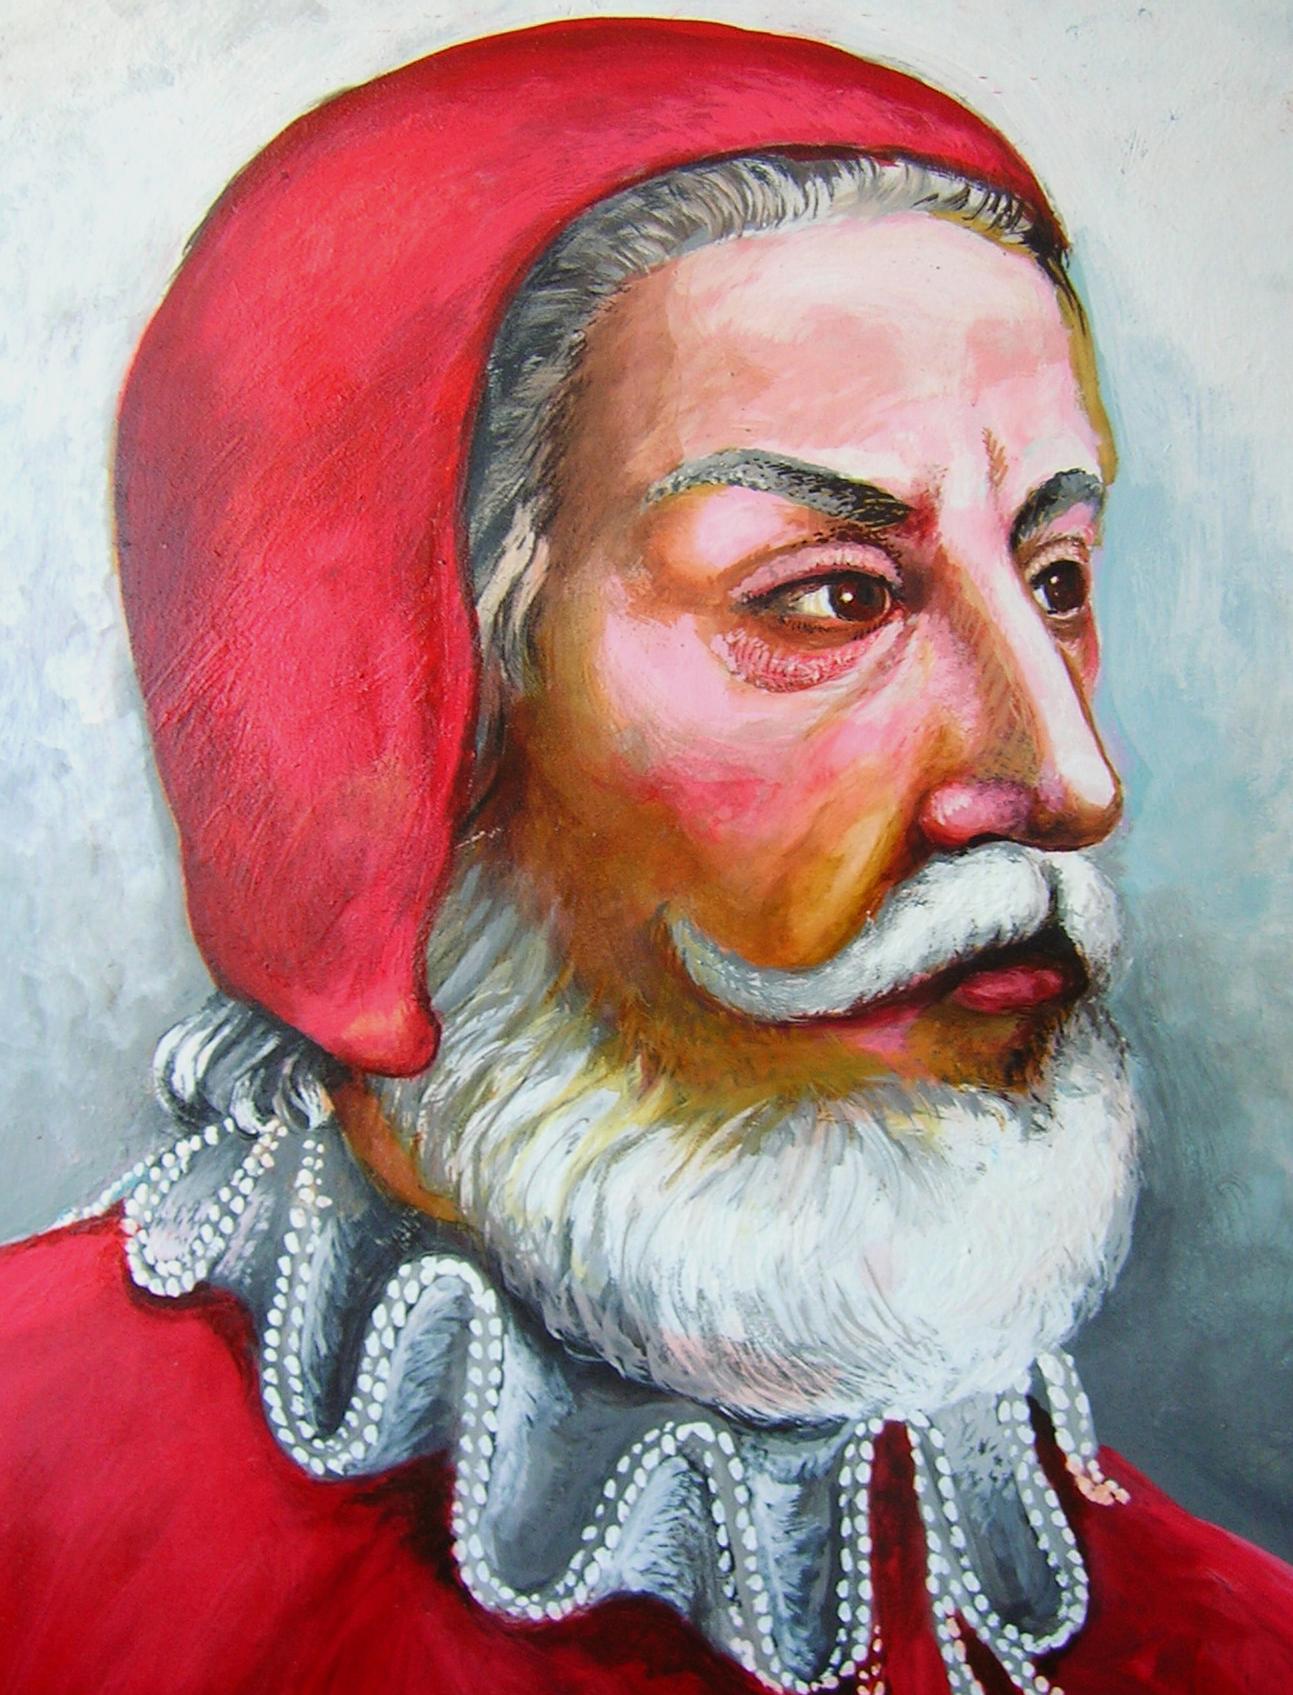 Notizie inedite su Matteo Tafuri (1492-1584). Nuove rivelazioni da un manoscritto seicentesco